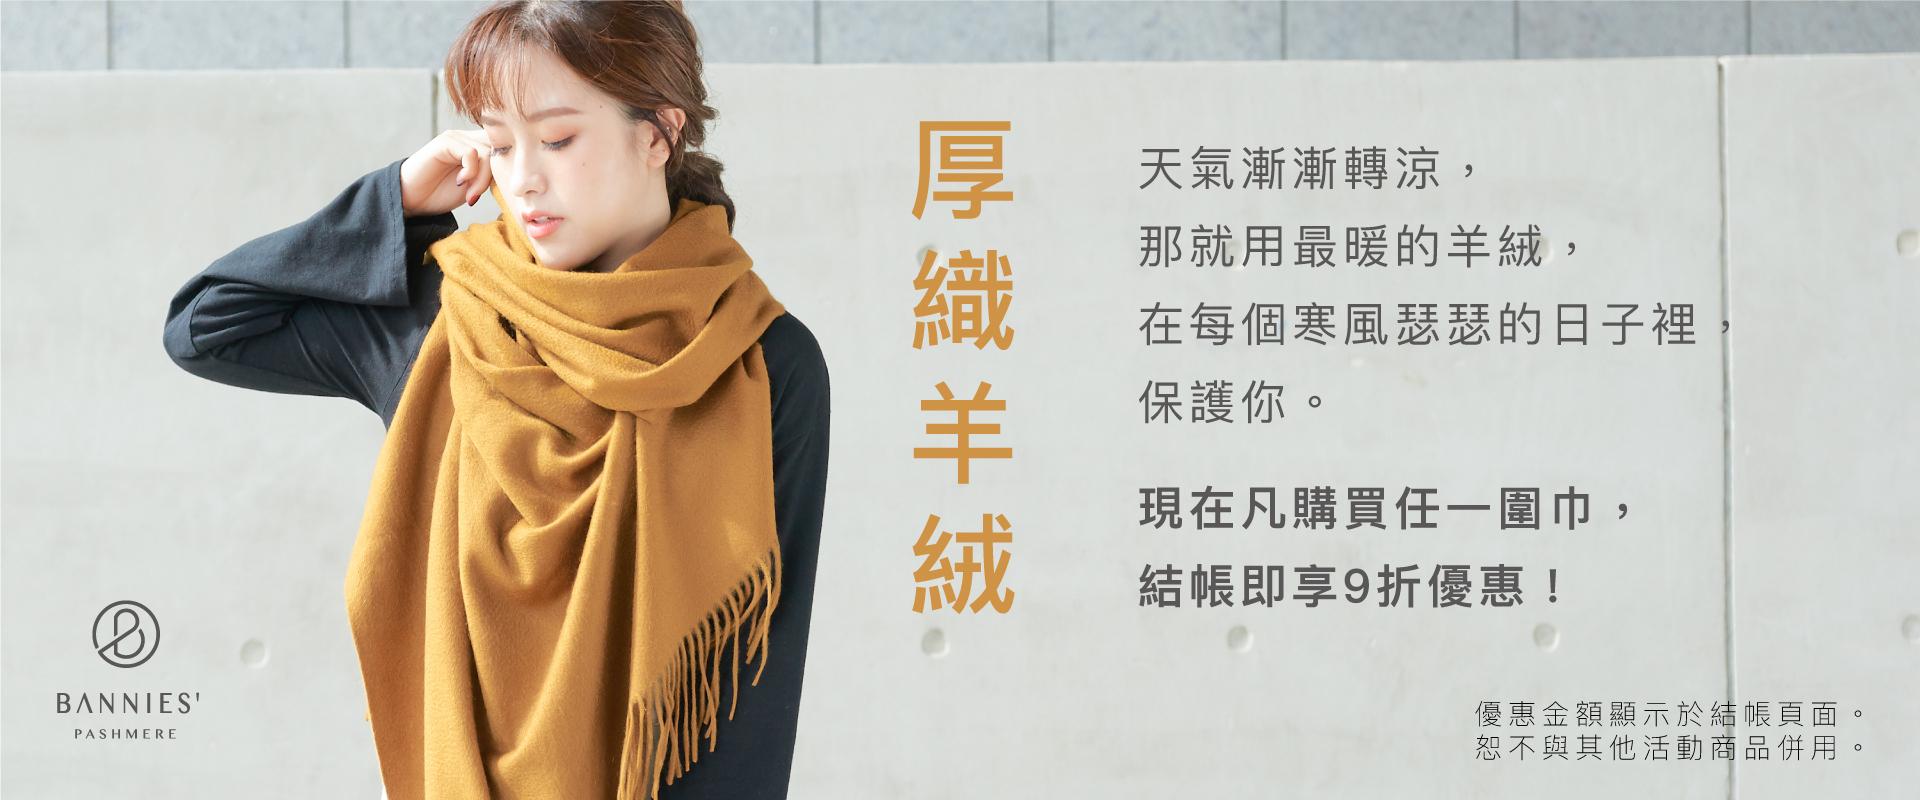 圍巾結帳即享9折優惠!優惠金額顯示於結帳頁面,恕不與其他活動商品併用。